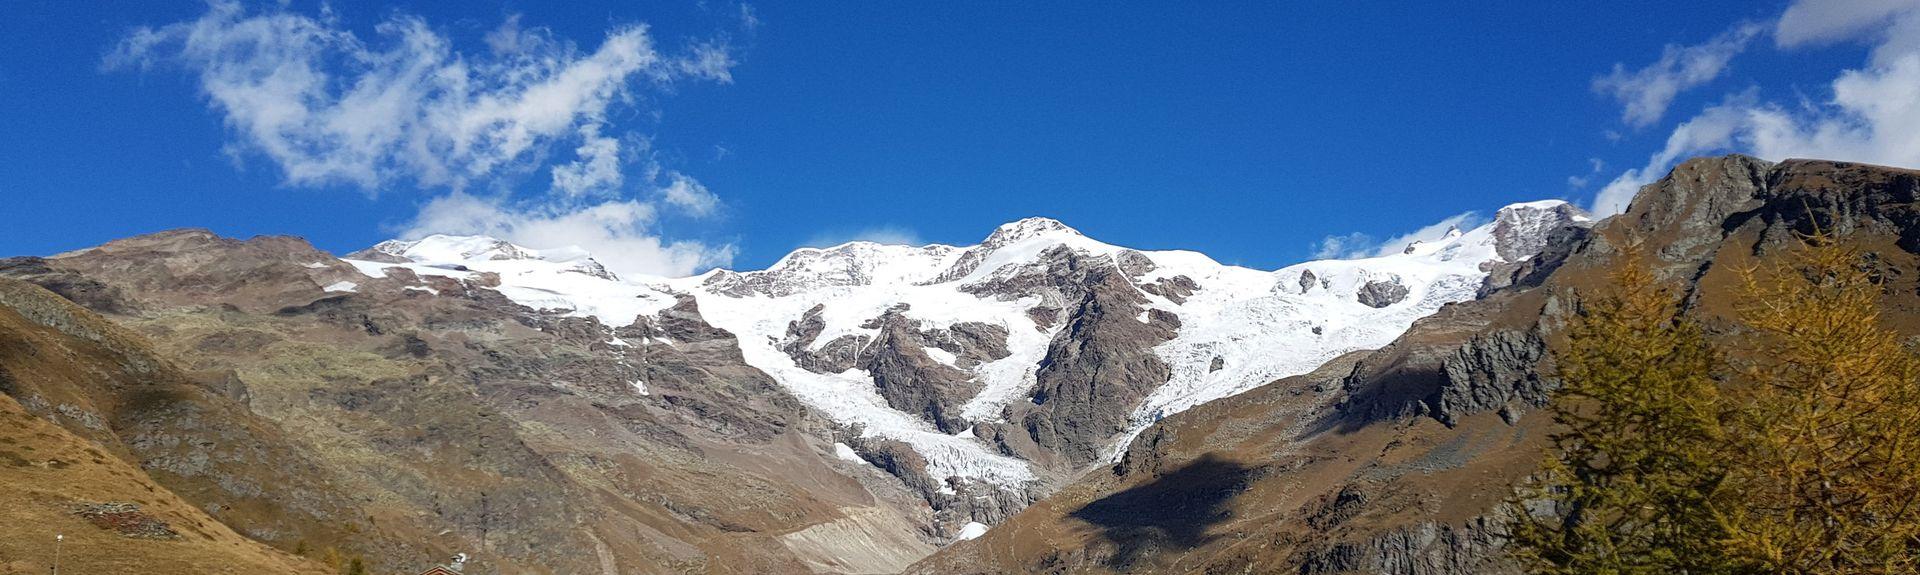 Staffal, Gressoney-la-Trinite, Aostadalen, Italia